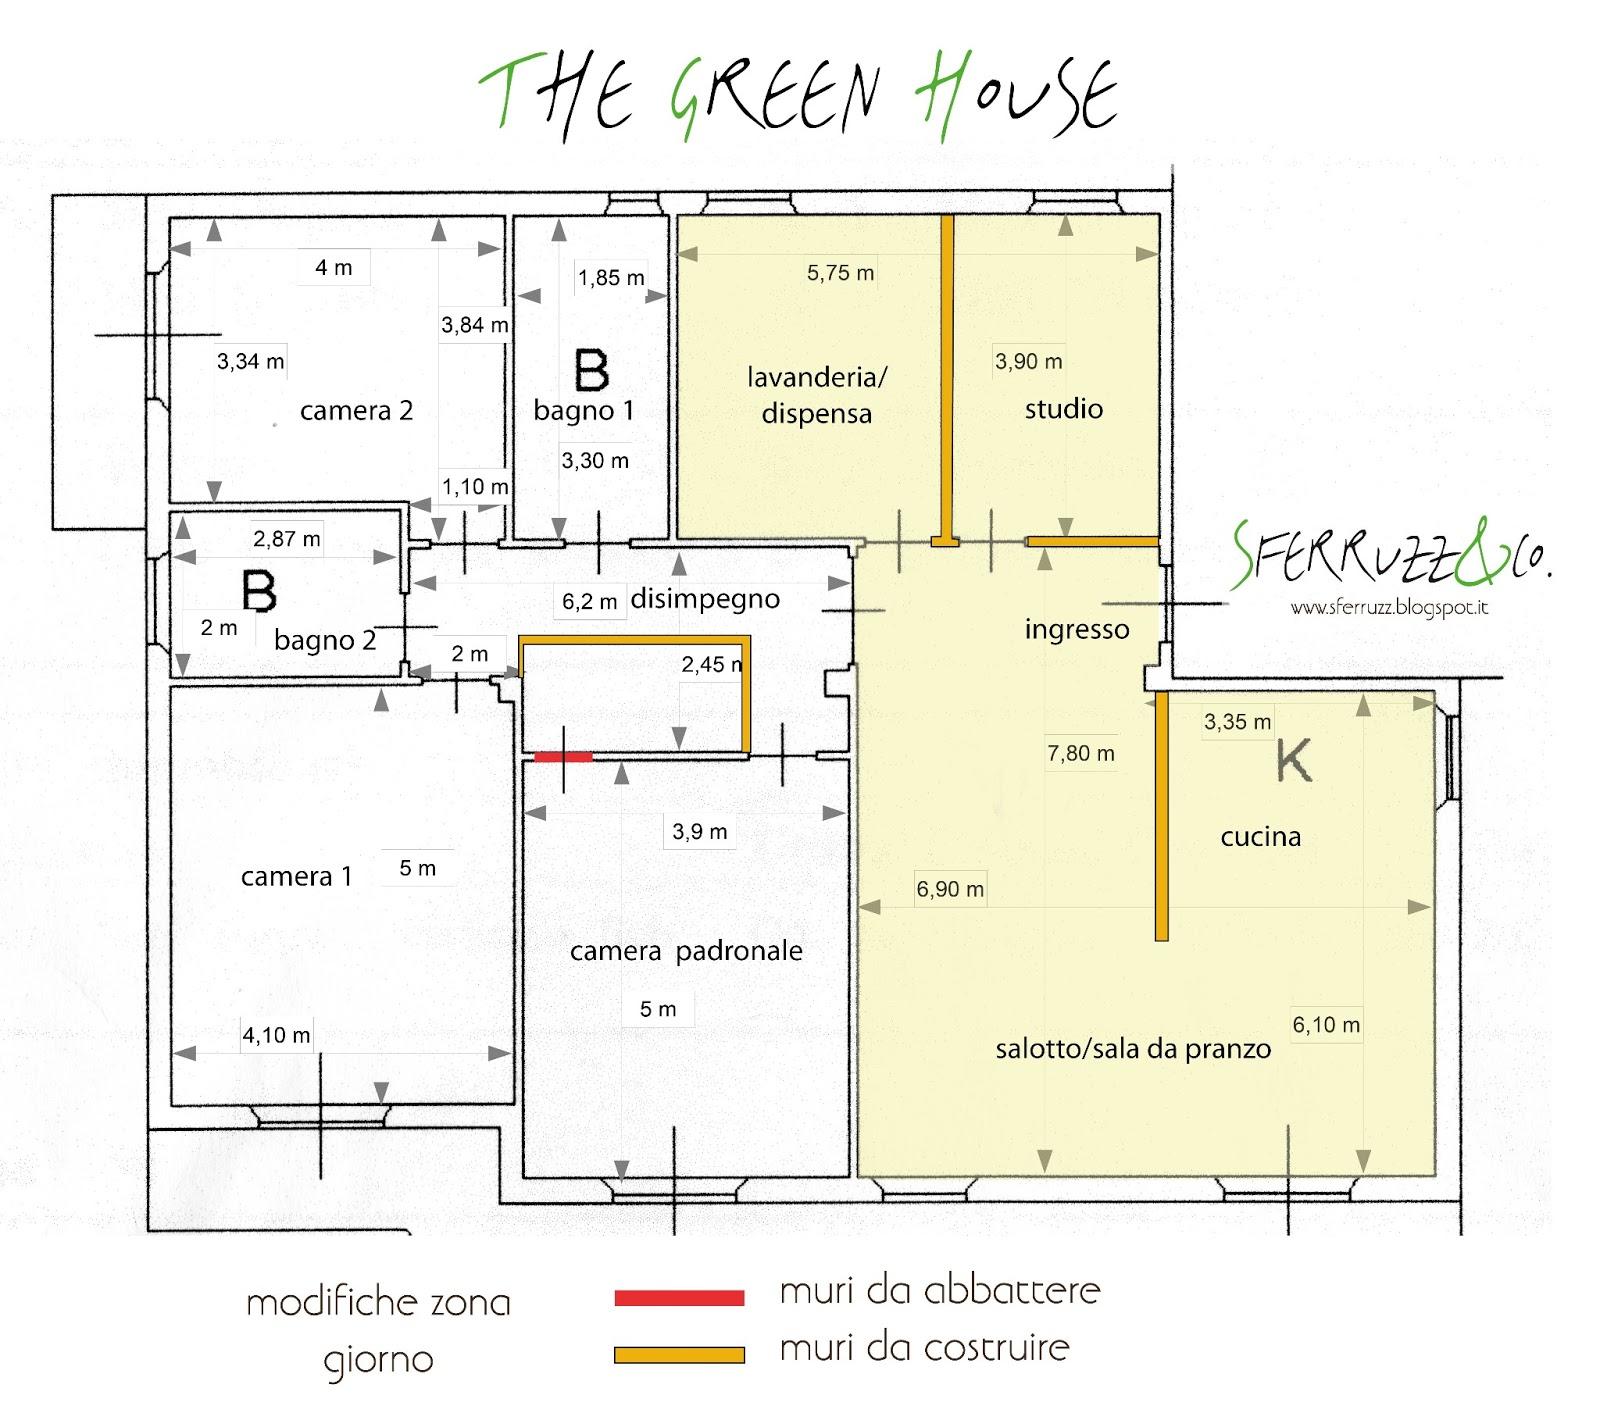 Schemi elettrici per casa impianto elettrico dalla a alla for Progetto impianto elettrico casa